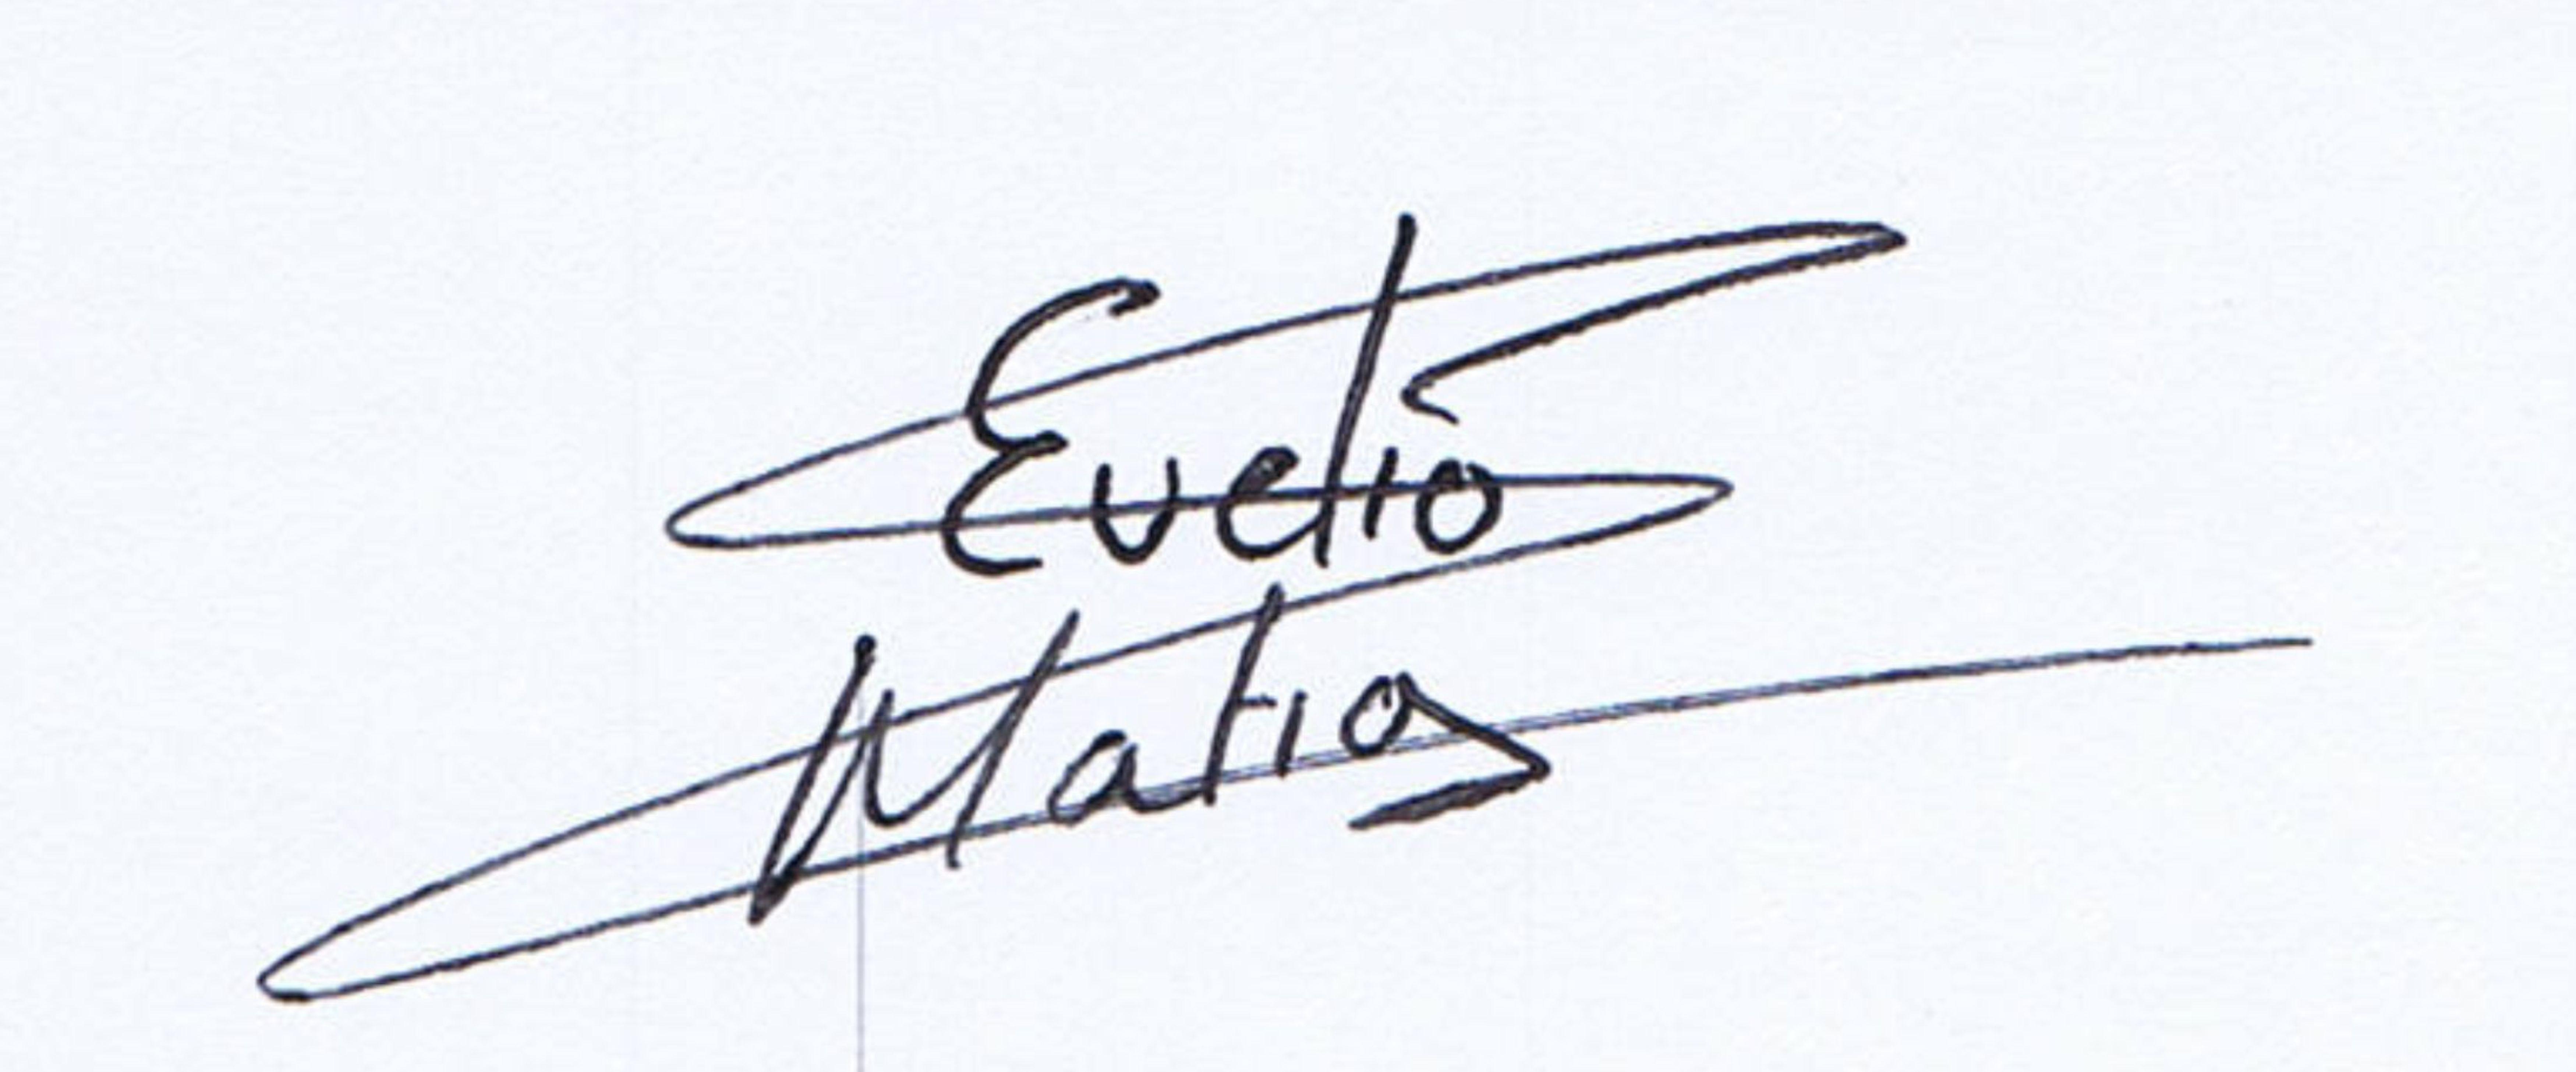 Author Signature